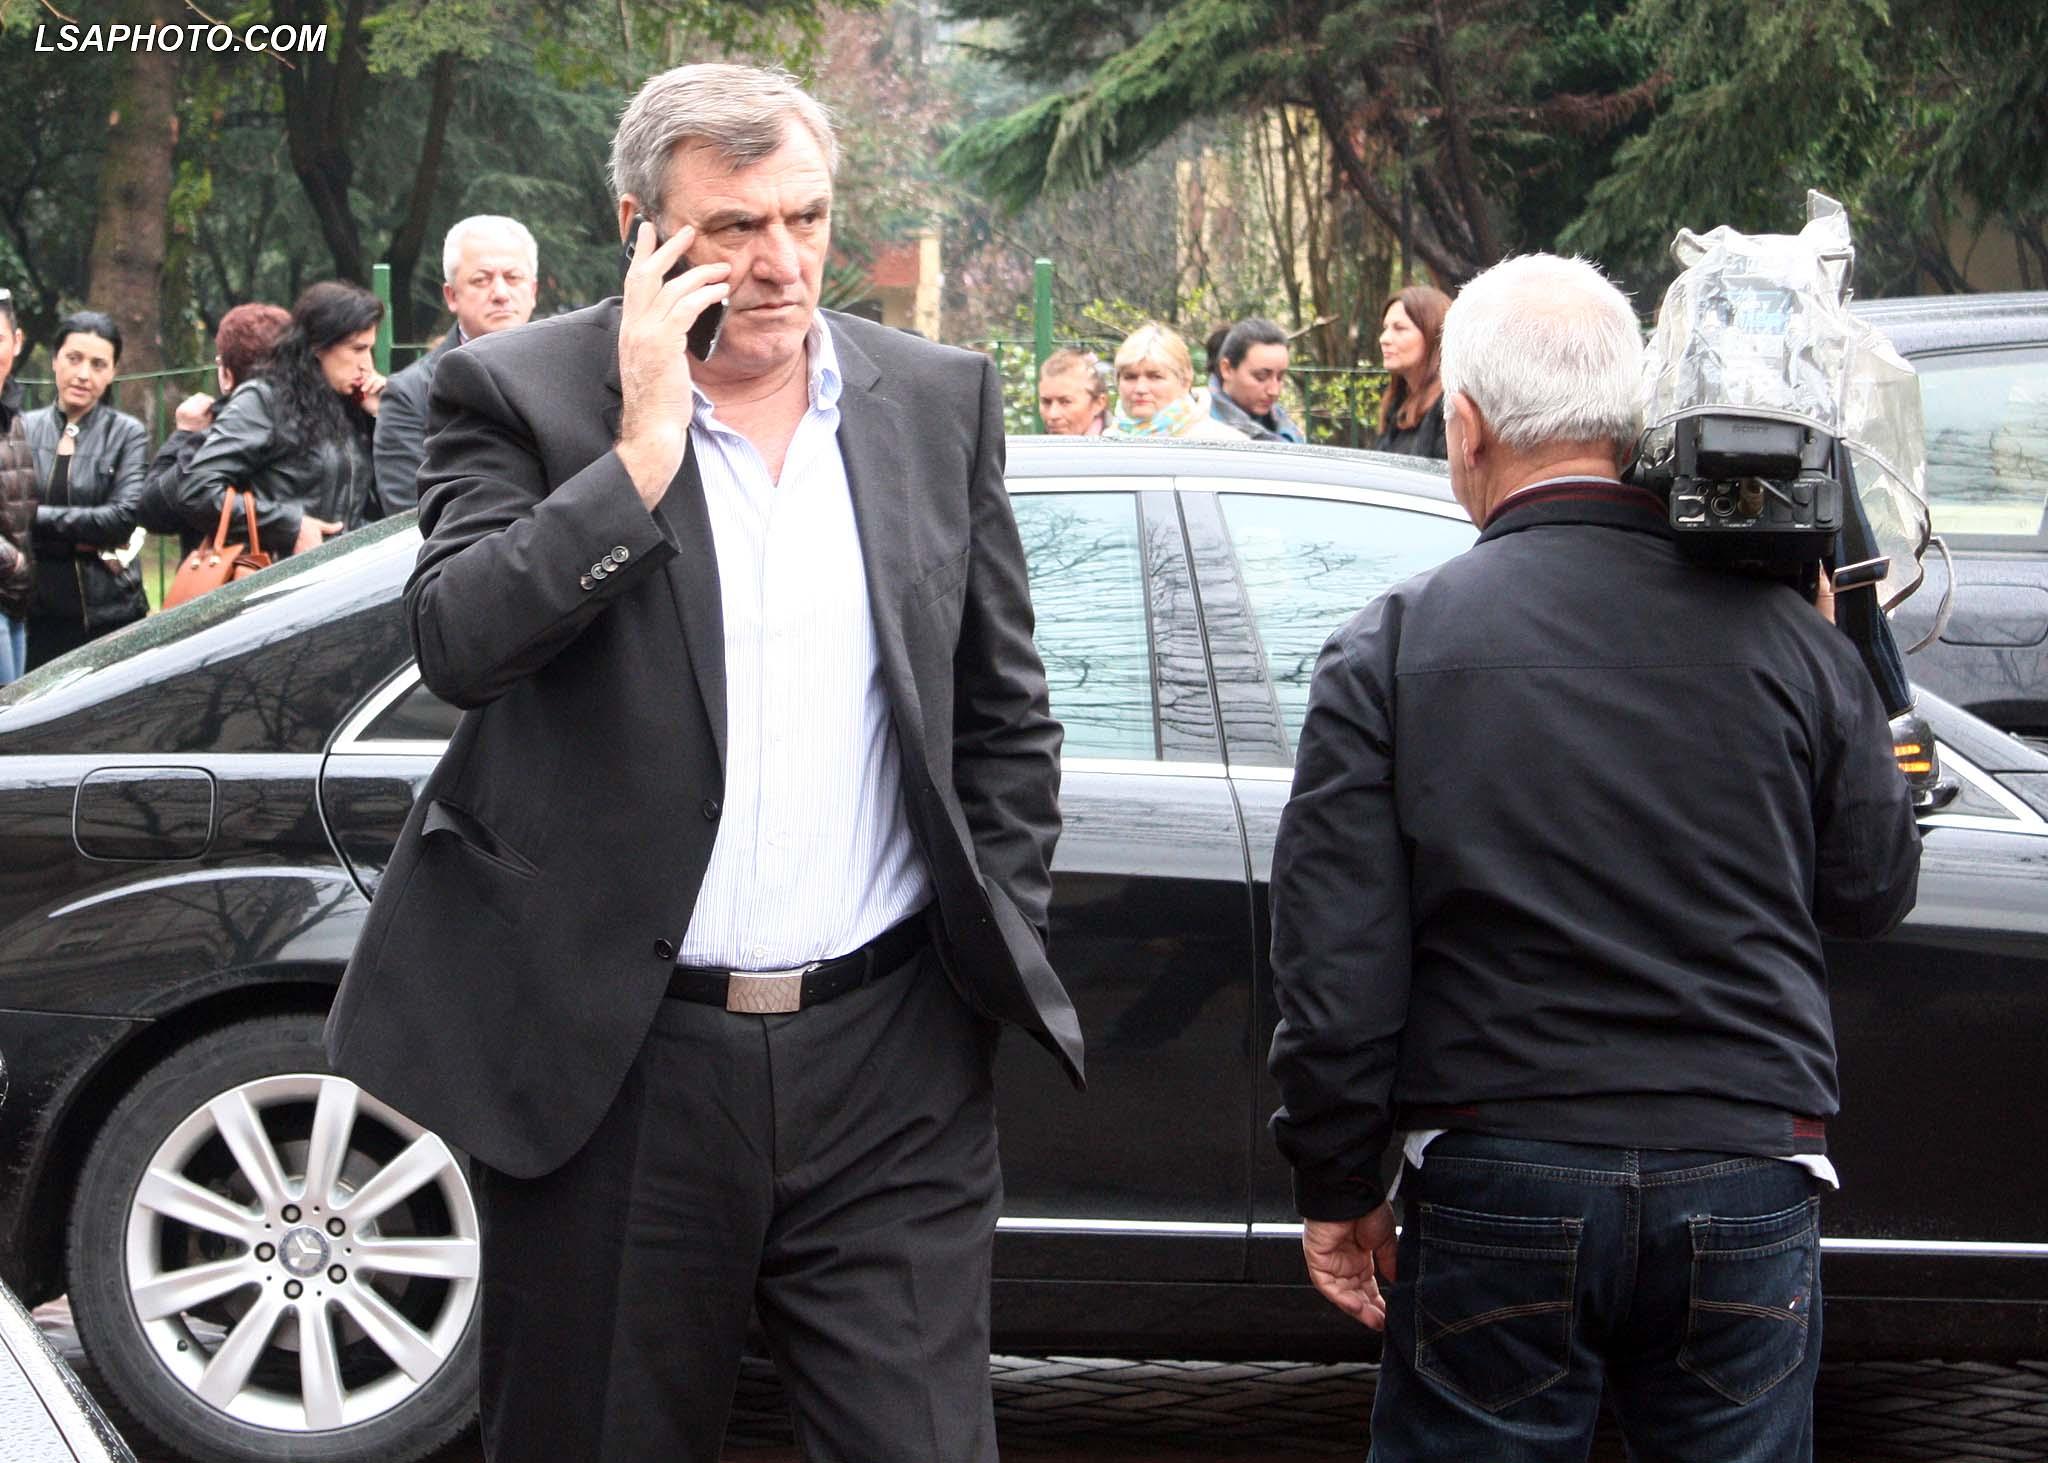 Agron Duka pranon mandatin nëse mazhoranca kërkon ndryshimin e sistemit zgjedhor